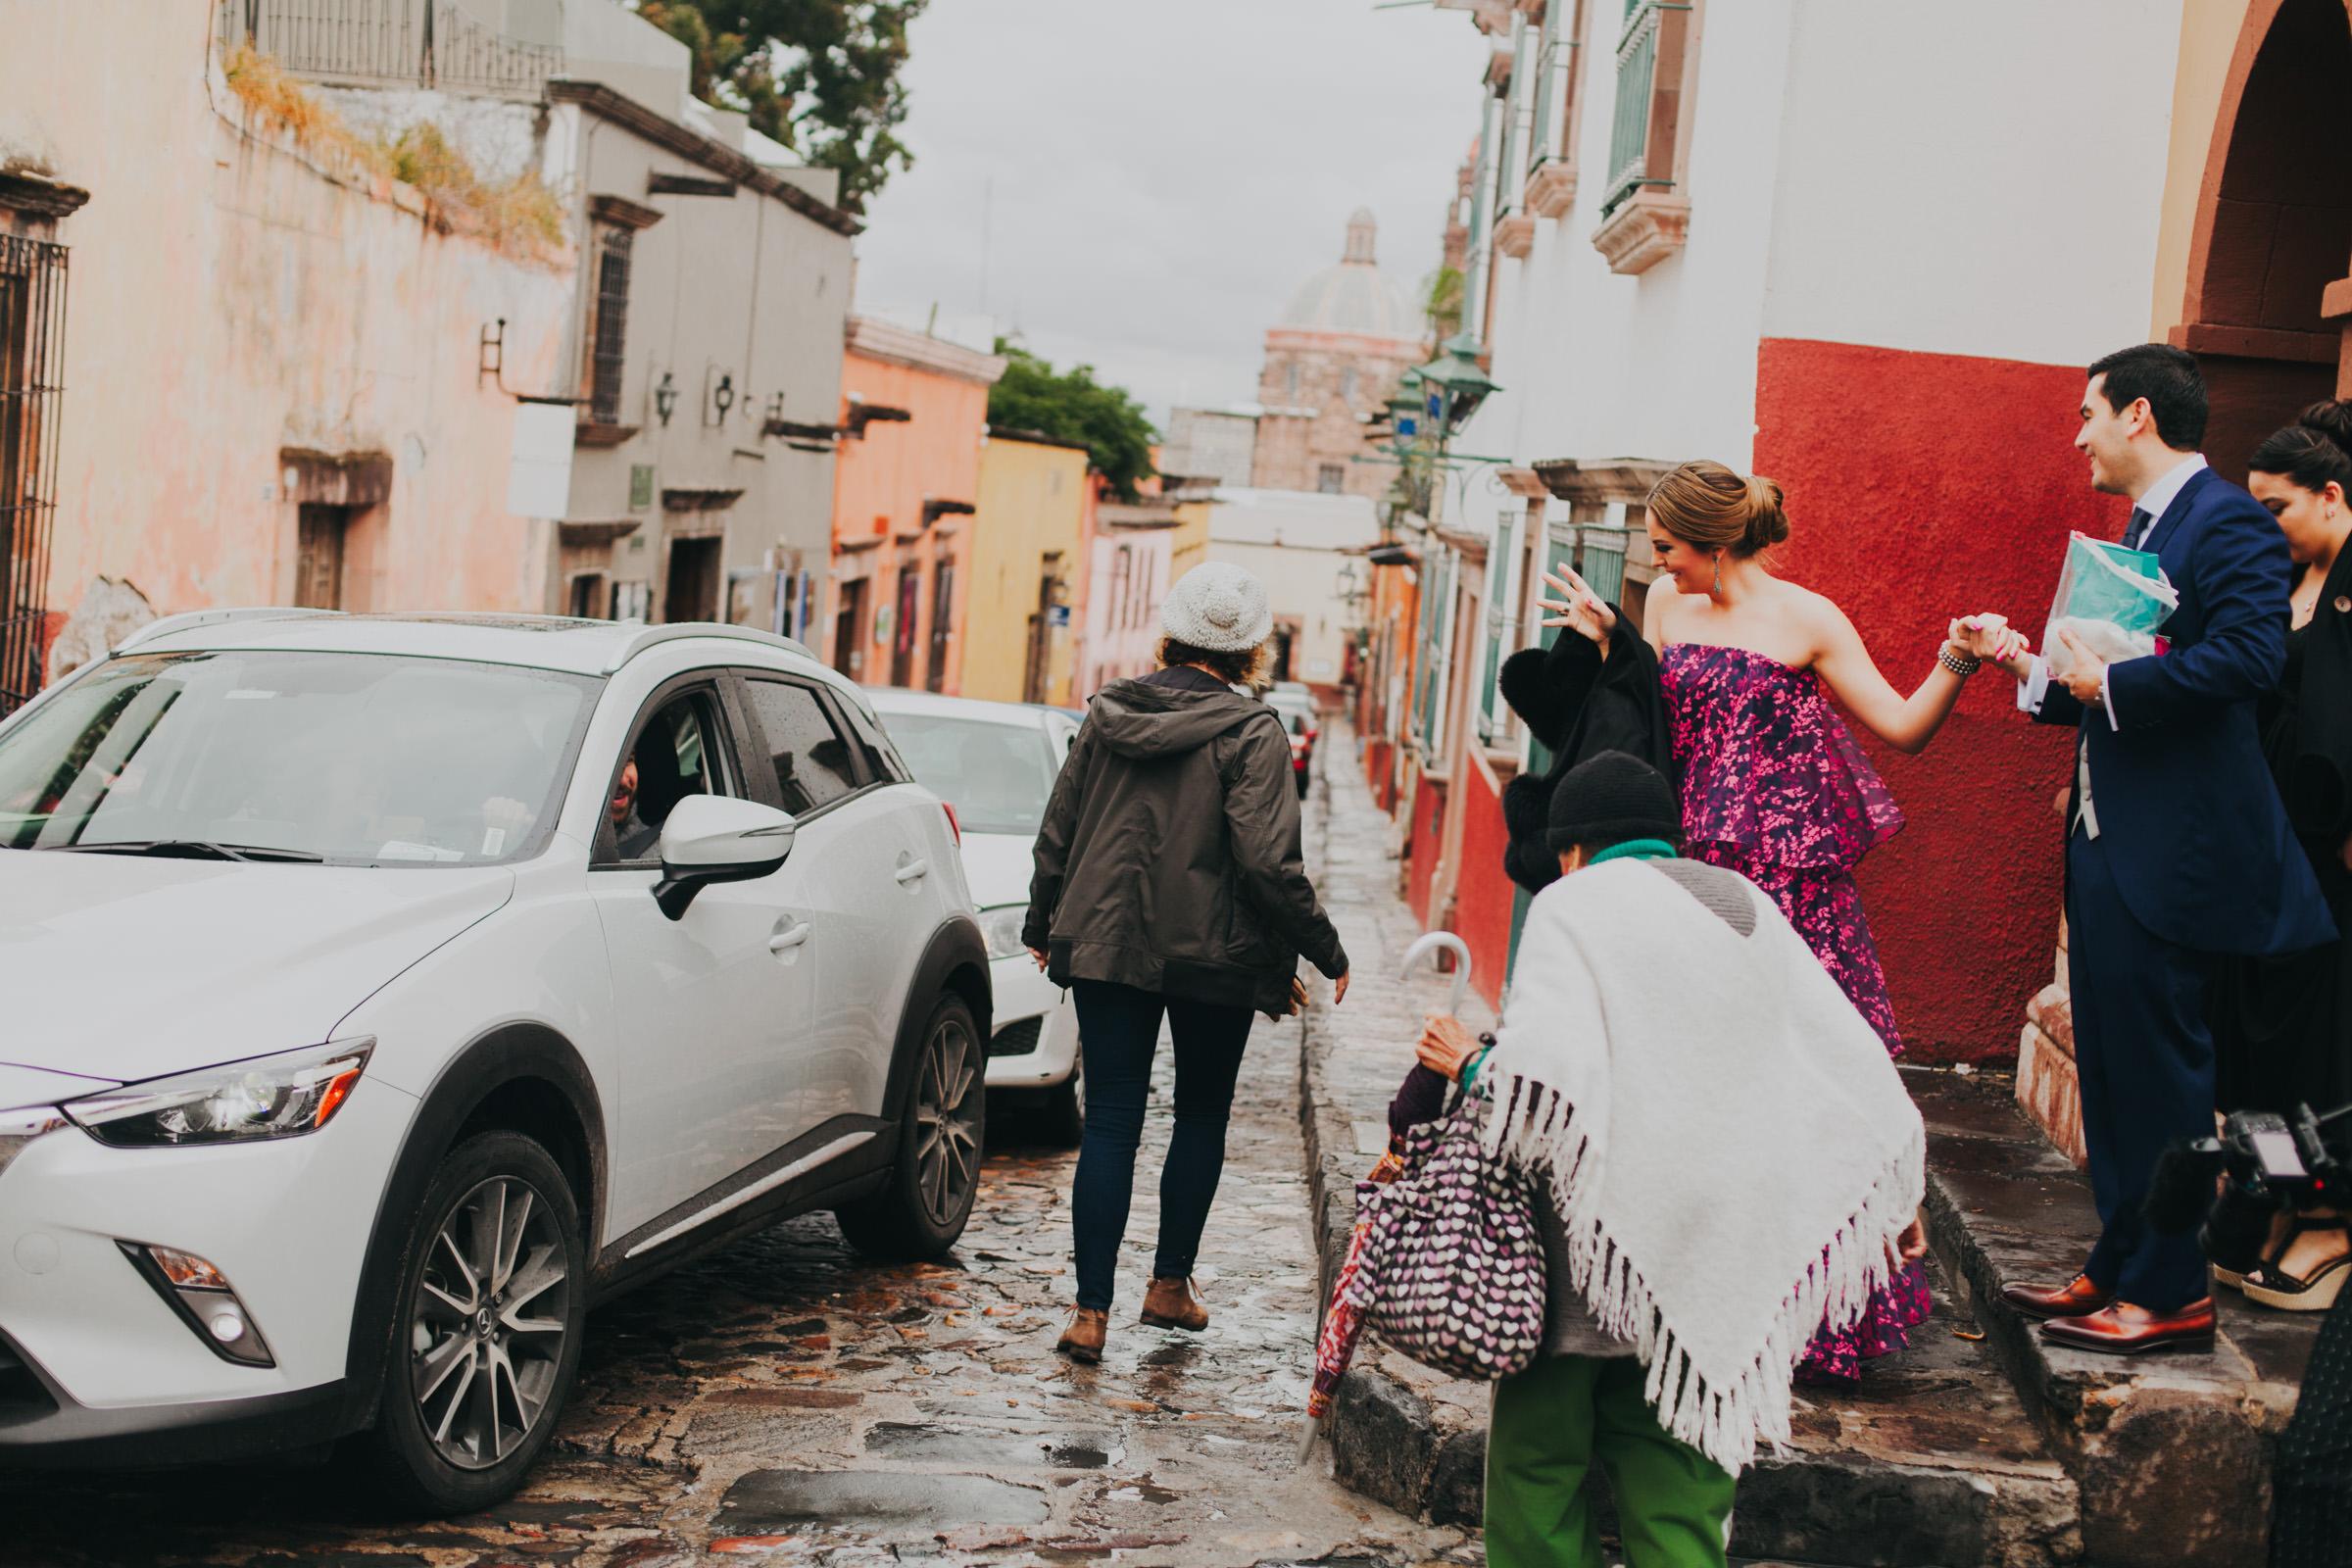 San-Miguel-de-Allende-Mexico-Wedding-Photographer-Rancho-Las-Sabinas-0208.JPG